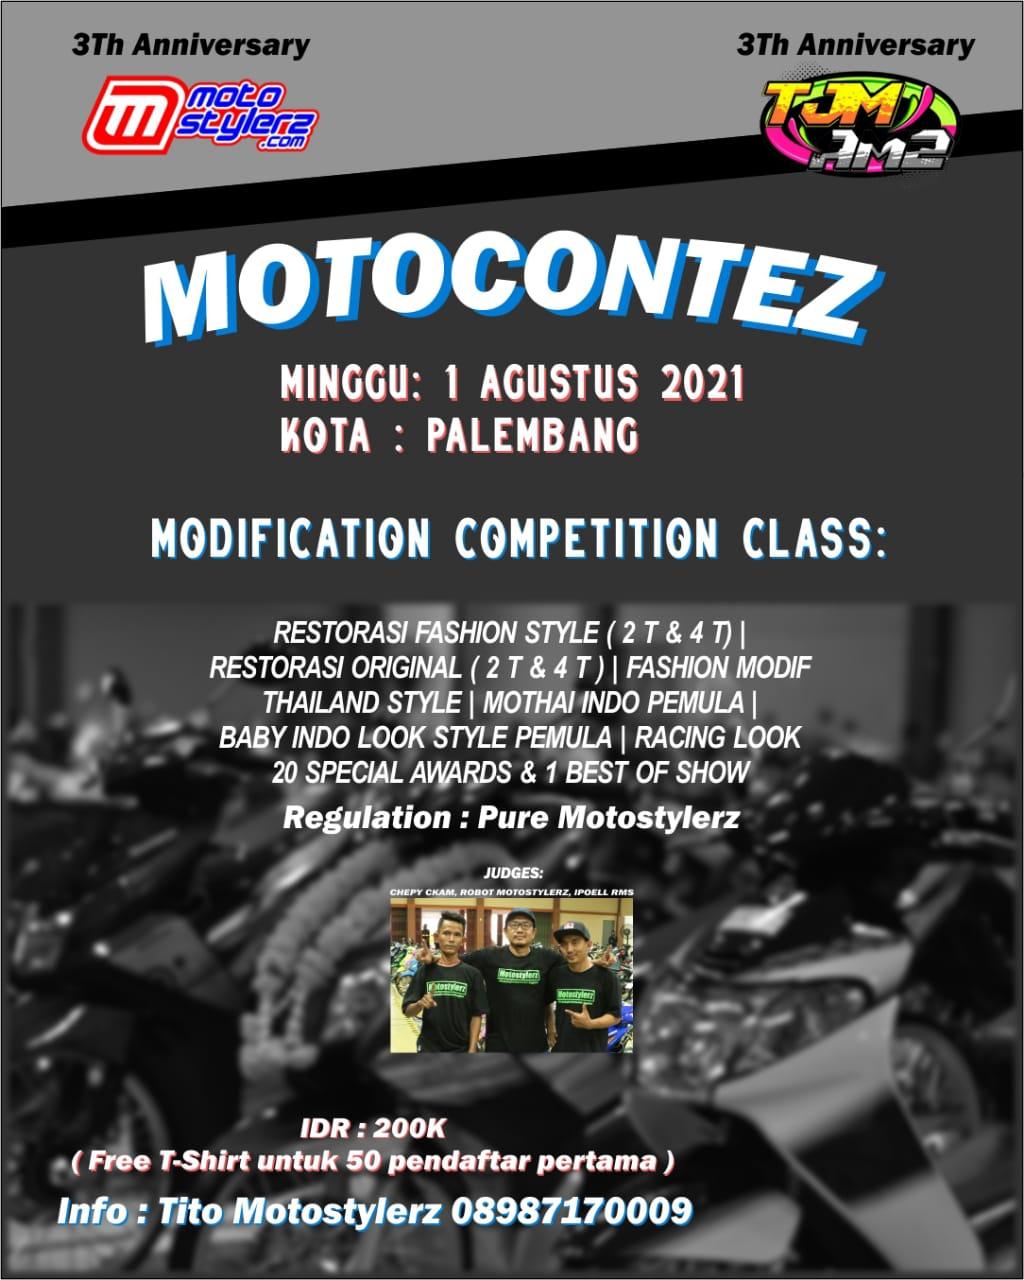 3rd Anniversary Motostylerz Motocontez 2021 - Palembang